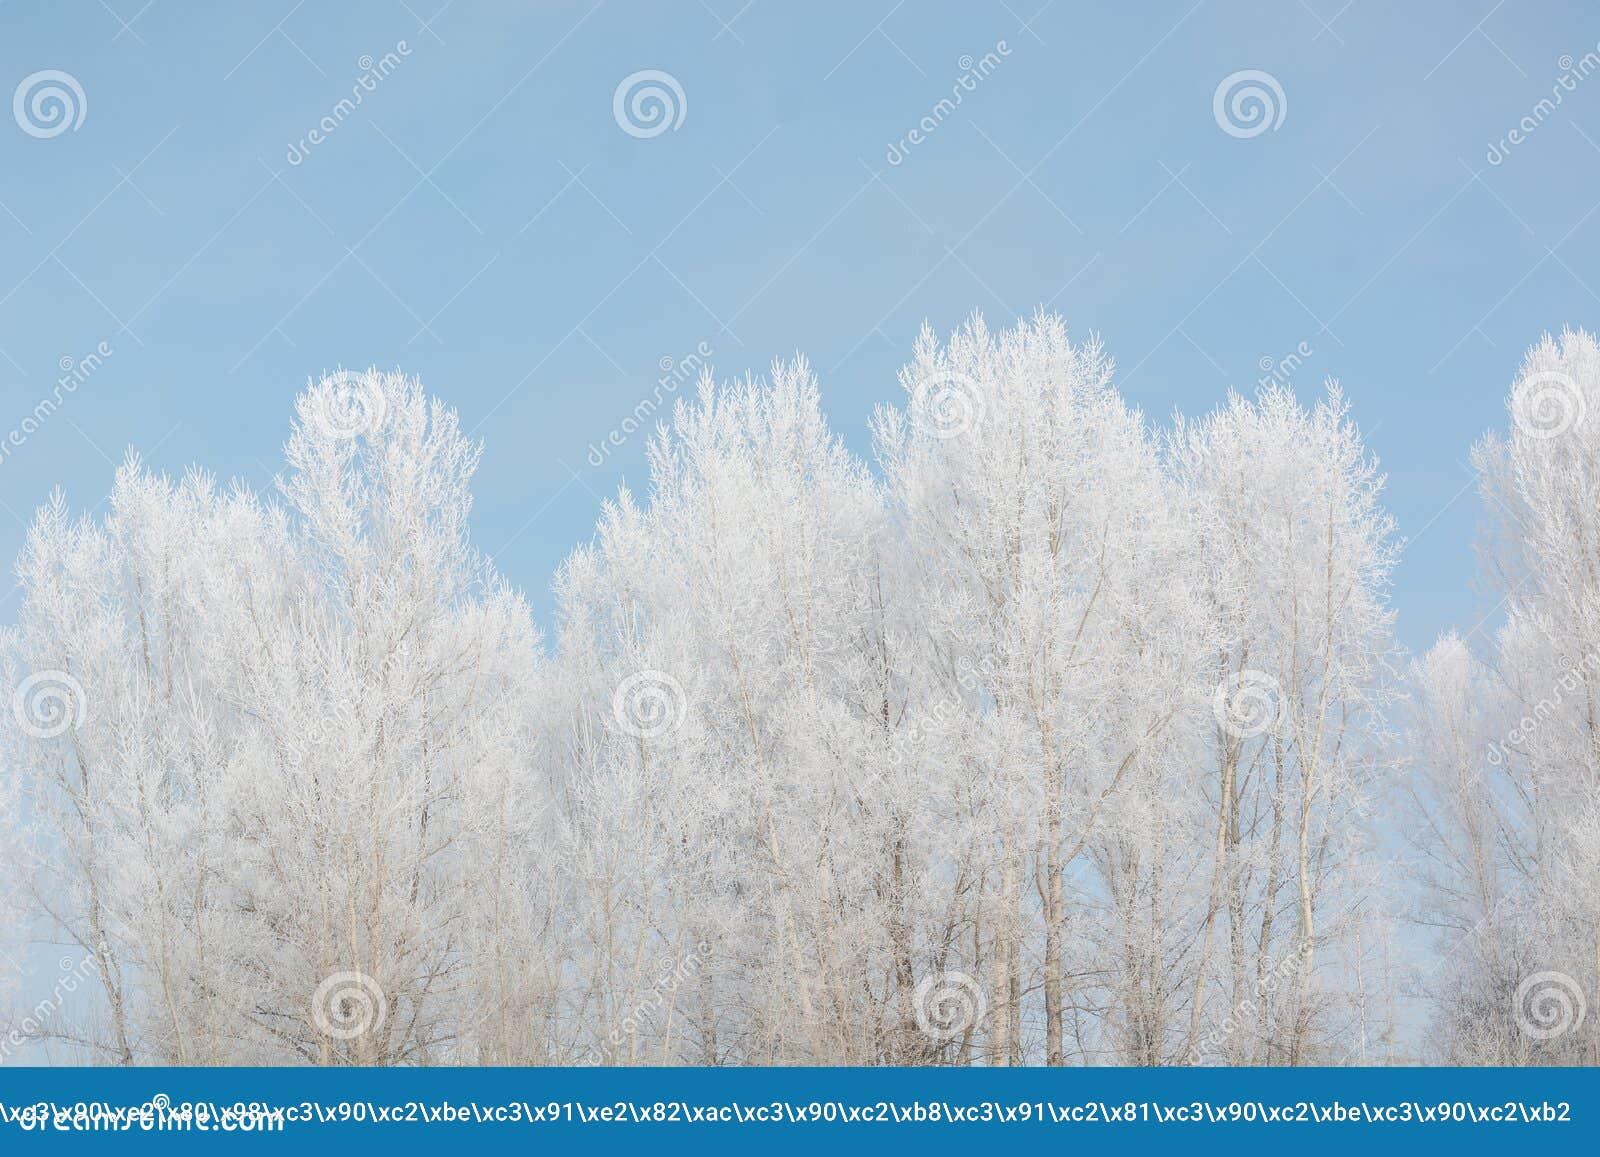 Trees in winter in winter. Beautiful winter landscape. Frost on trees in winter.